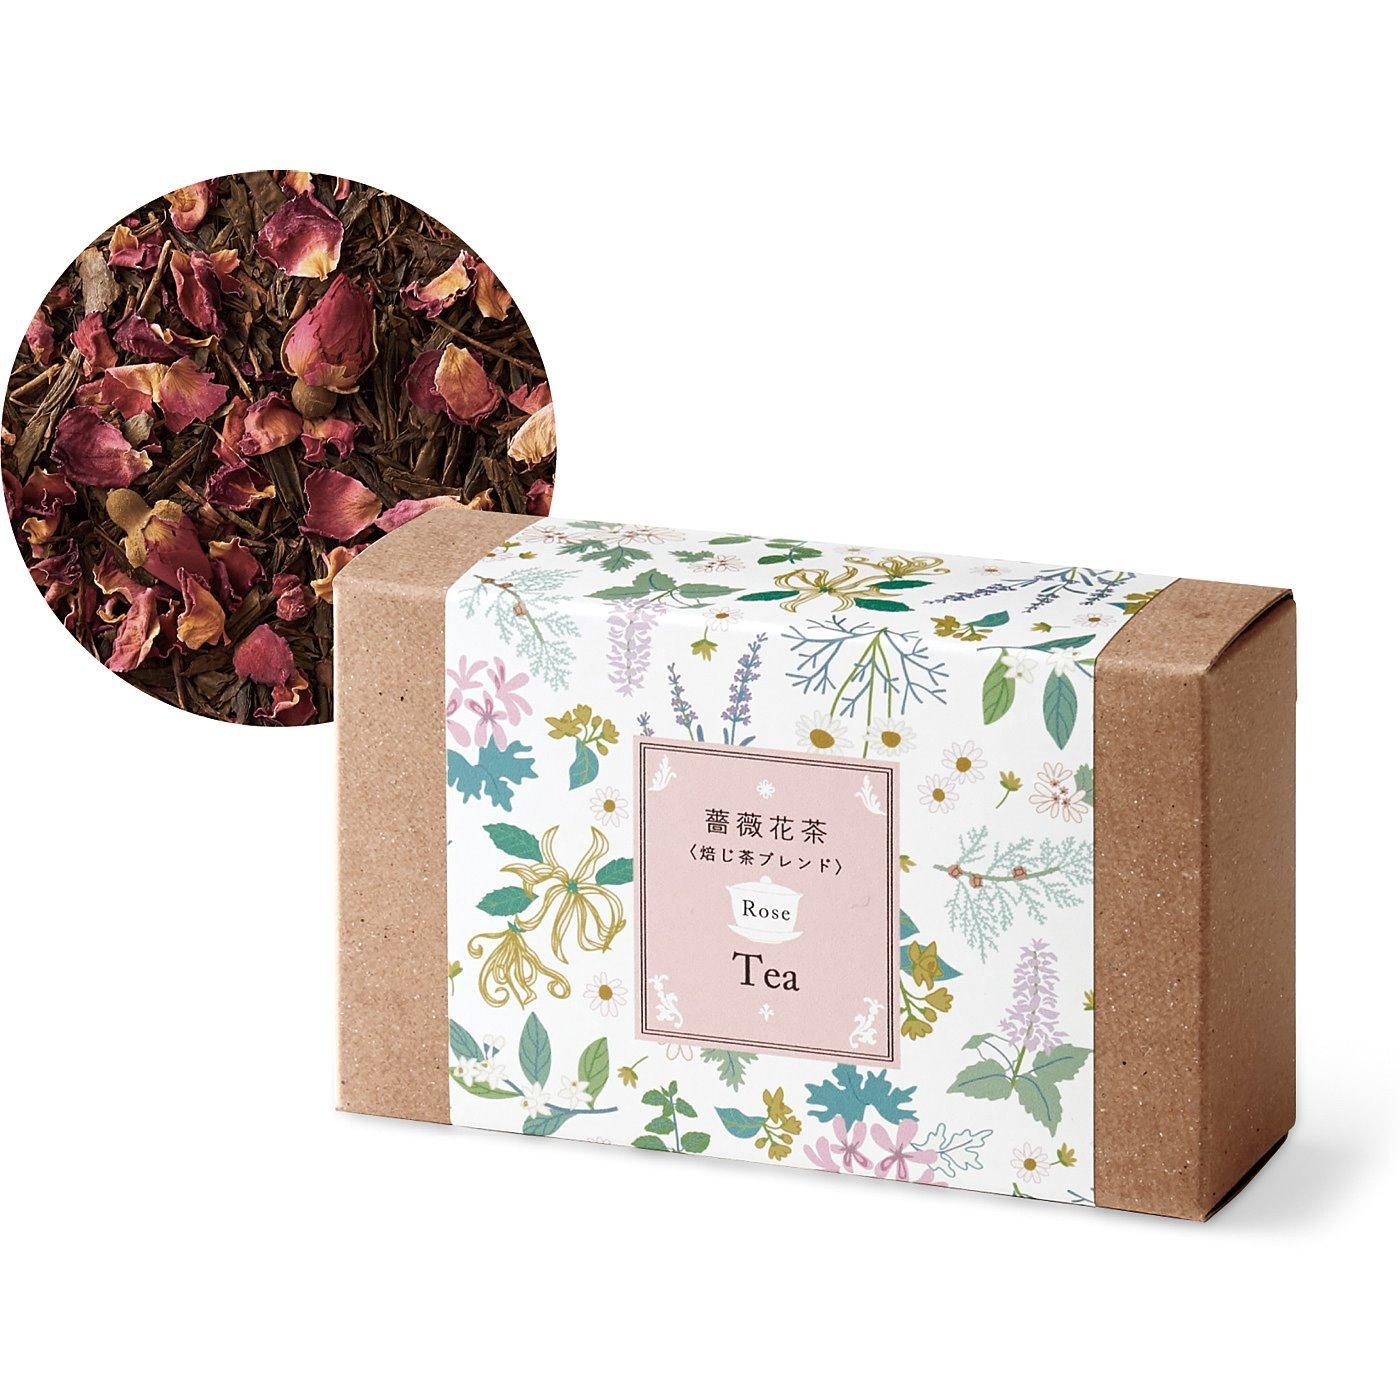 ゆらぐ心に花を 和の香りでほっとひと息 リラックス花茶の会